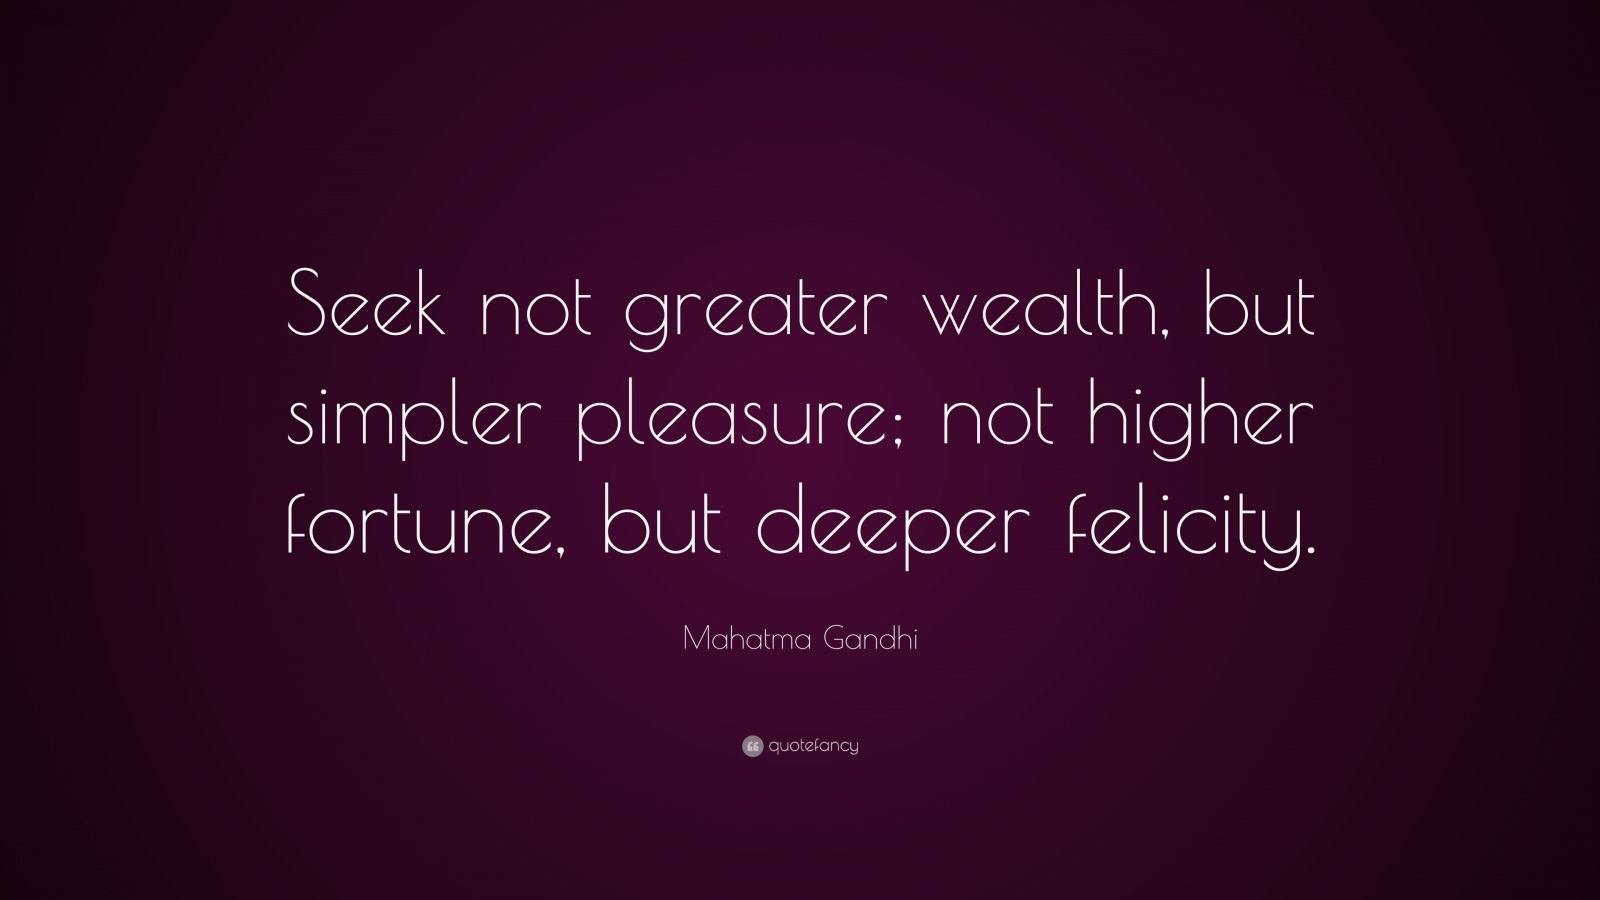 Mahatma Gandhi Wealth Quotes